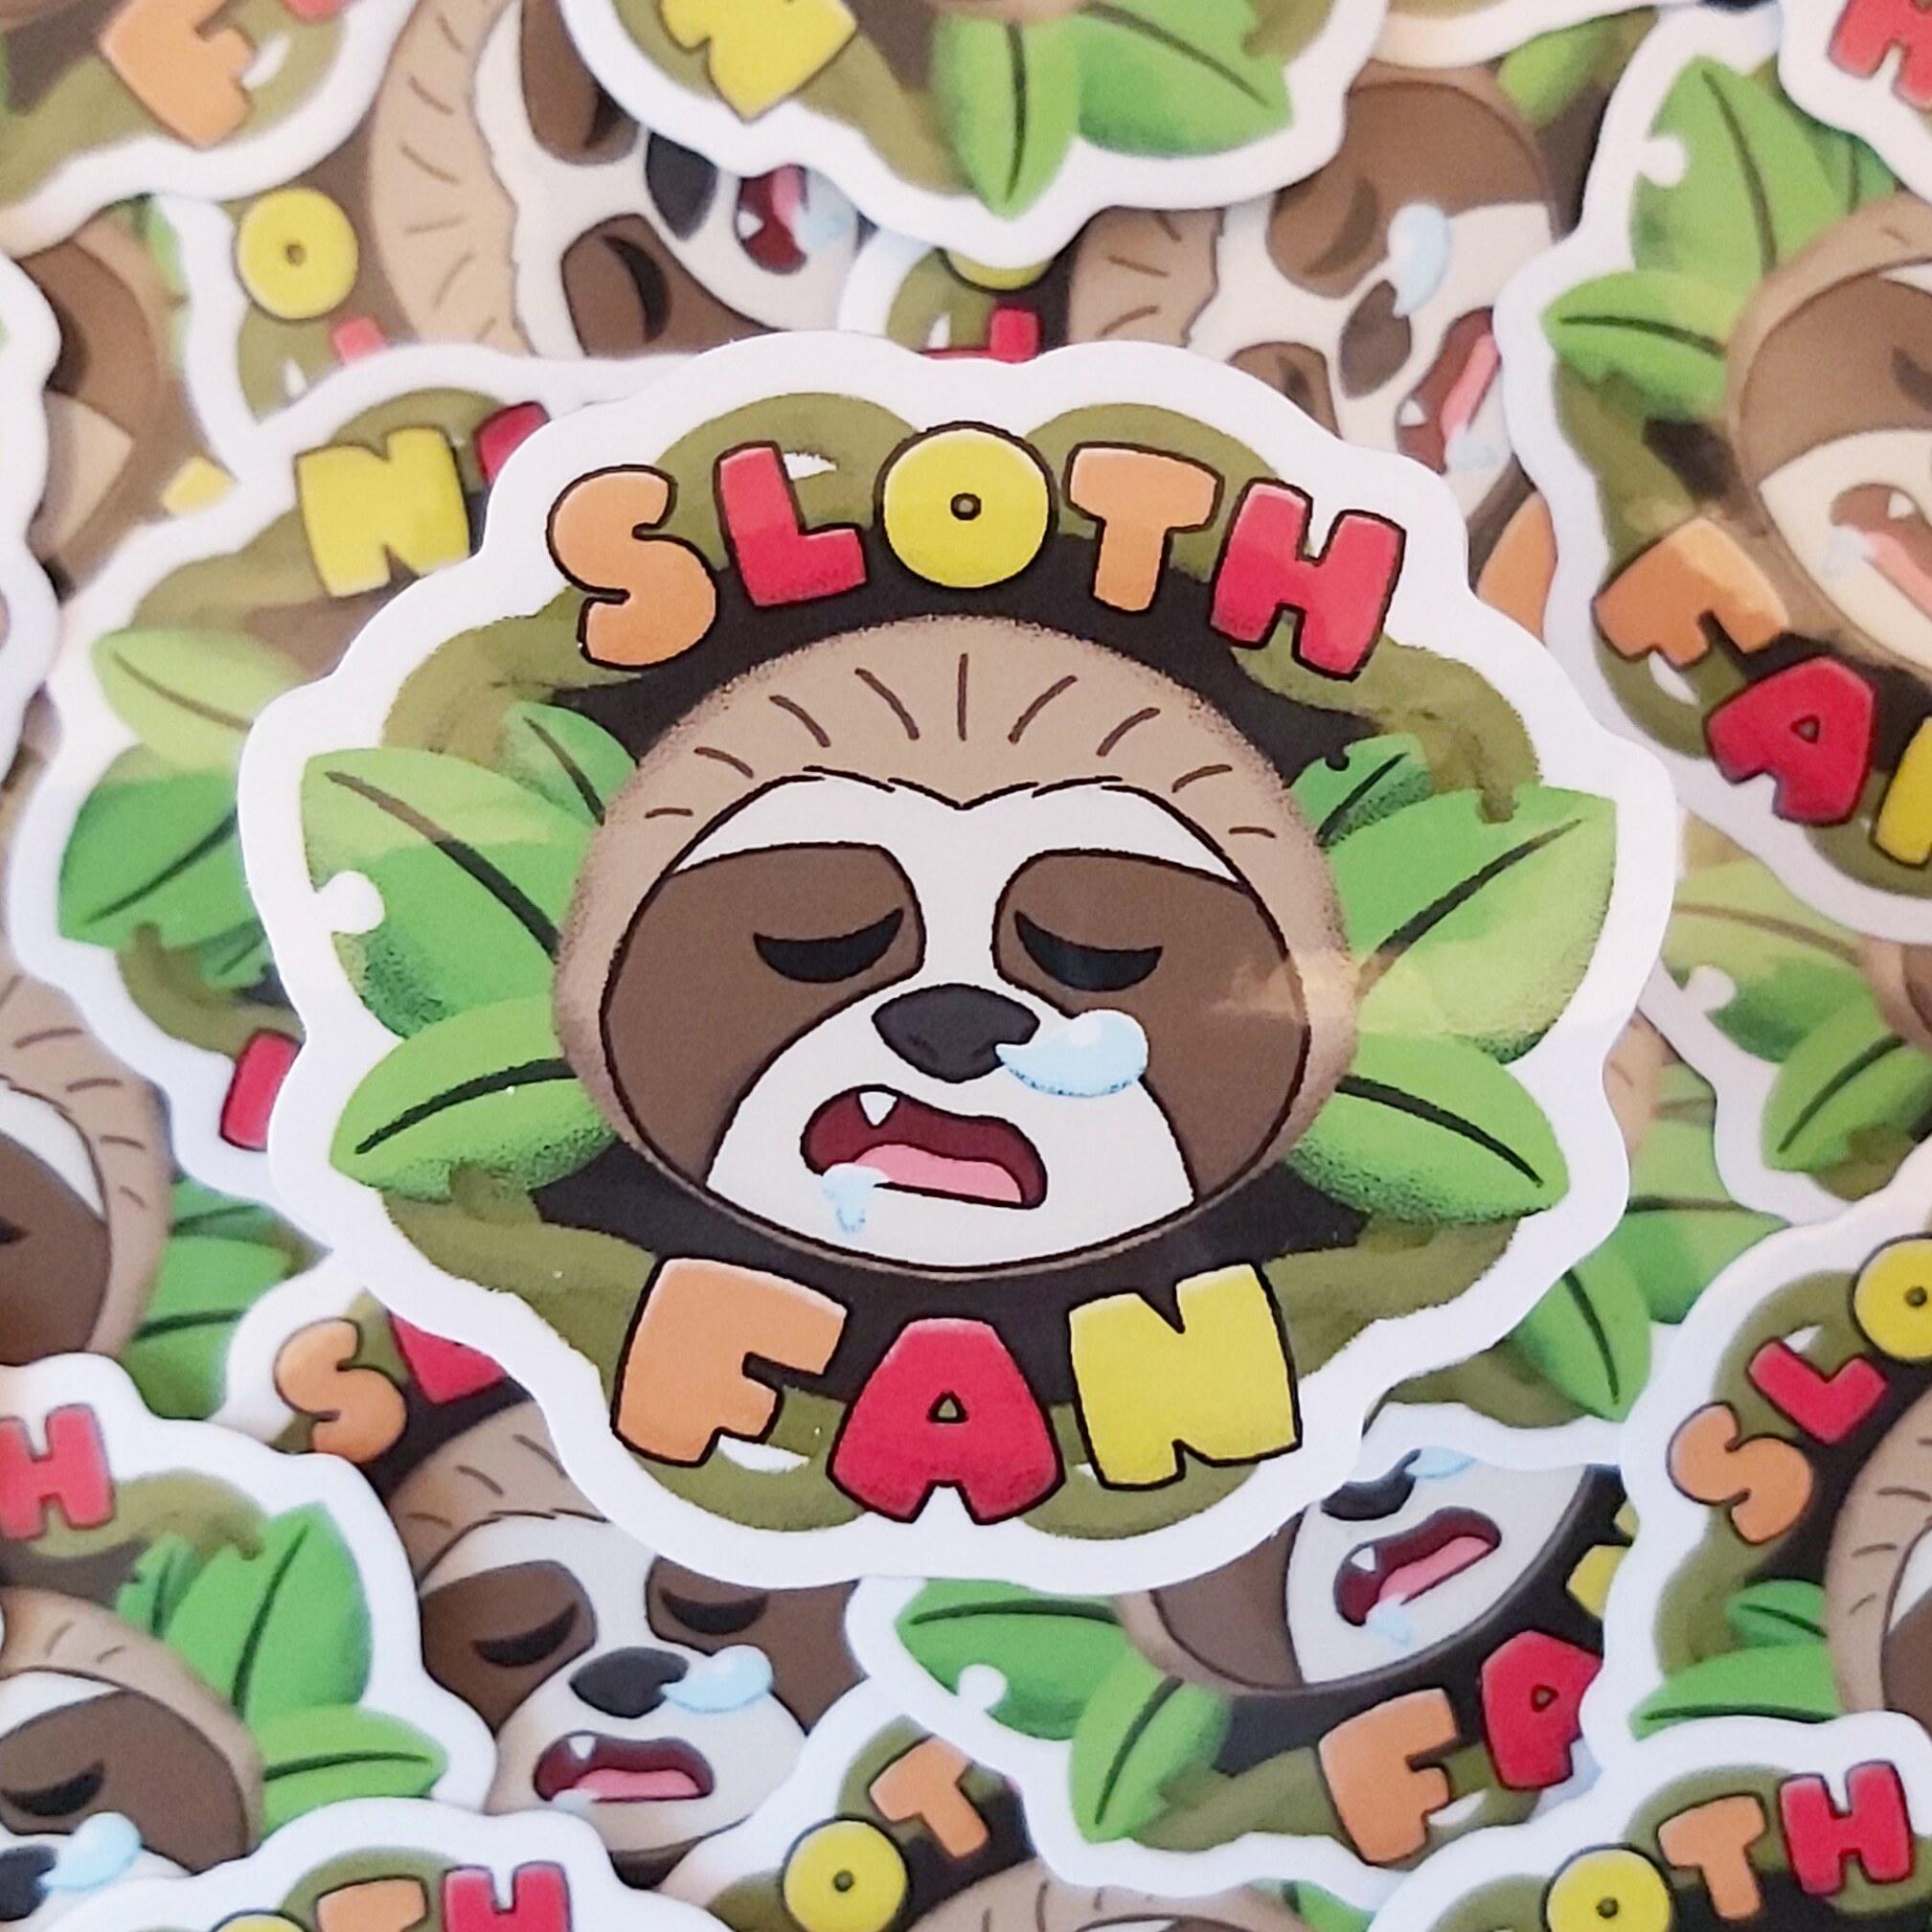 Sloth Fan Stickers